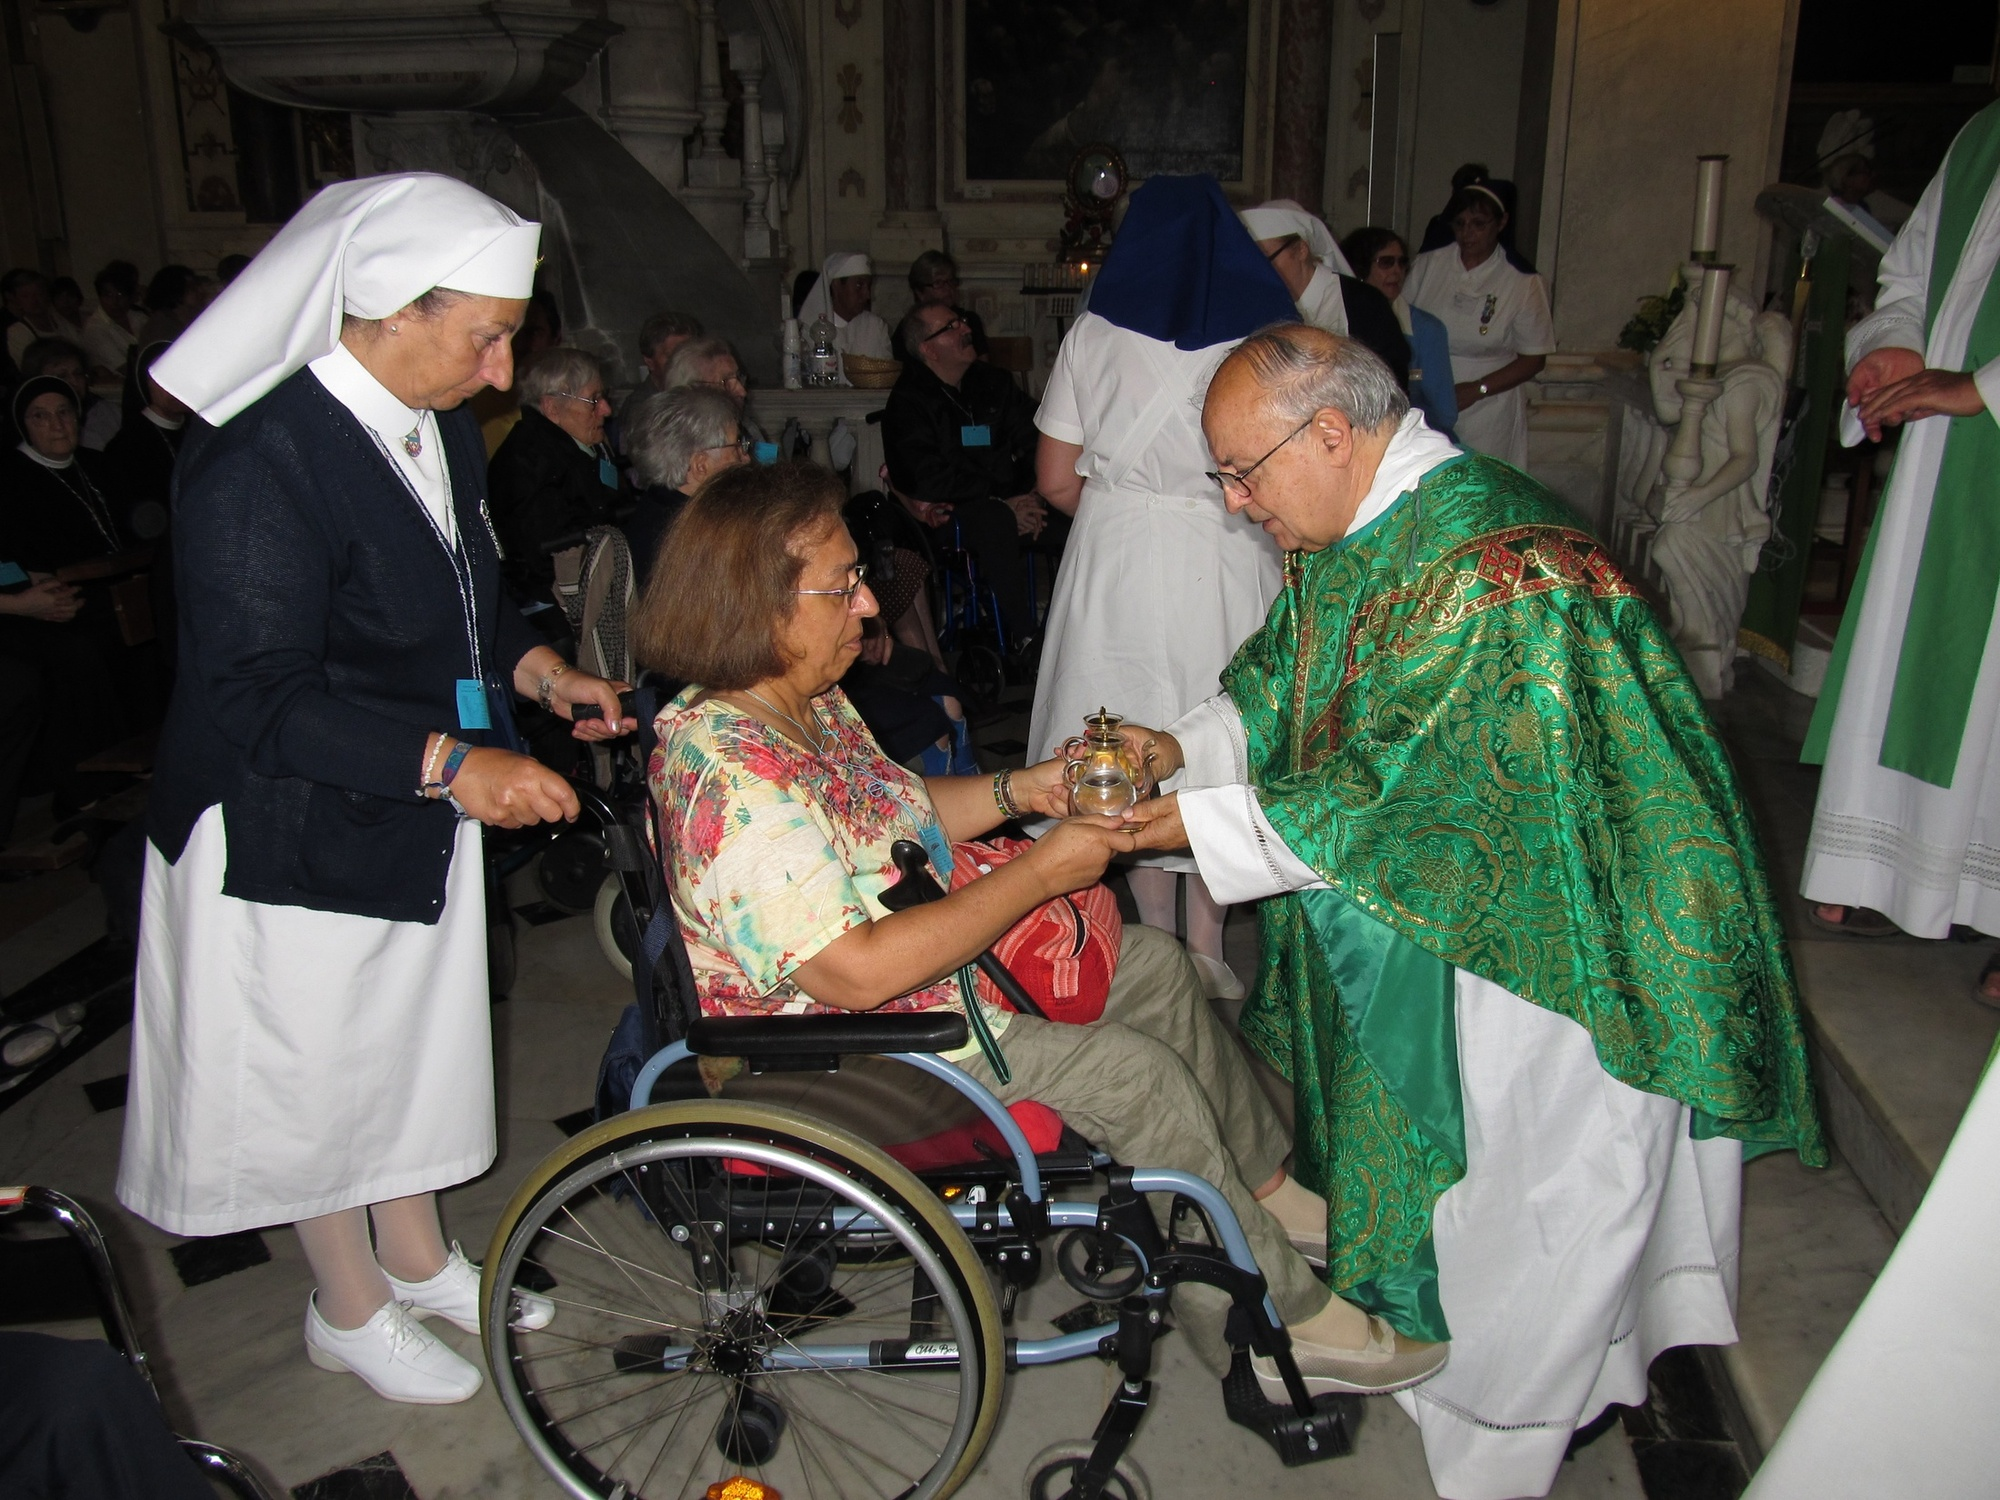 giornata-vicariale-malato-2014-09-28-16-44-43